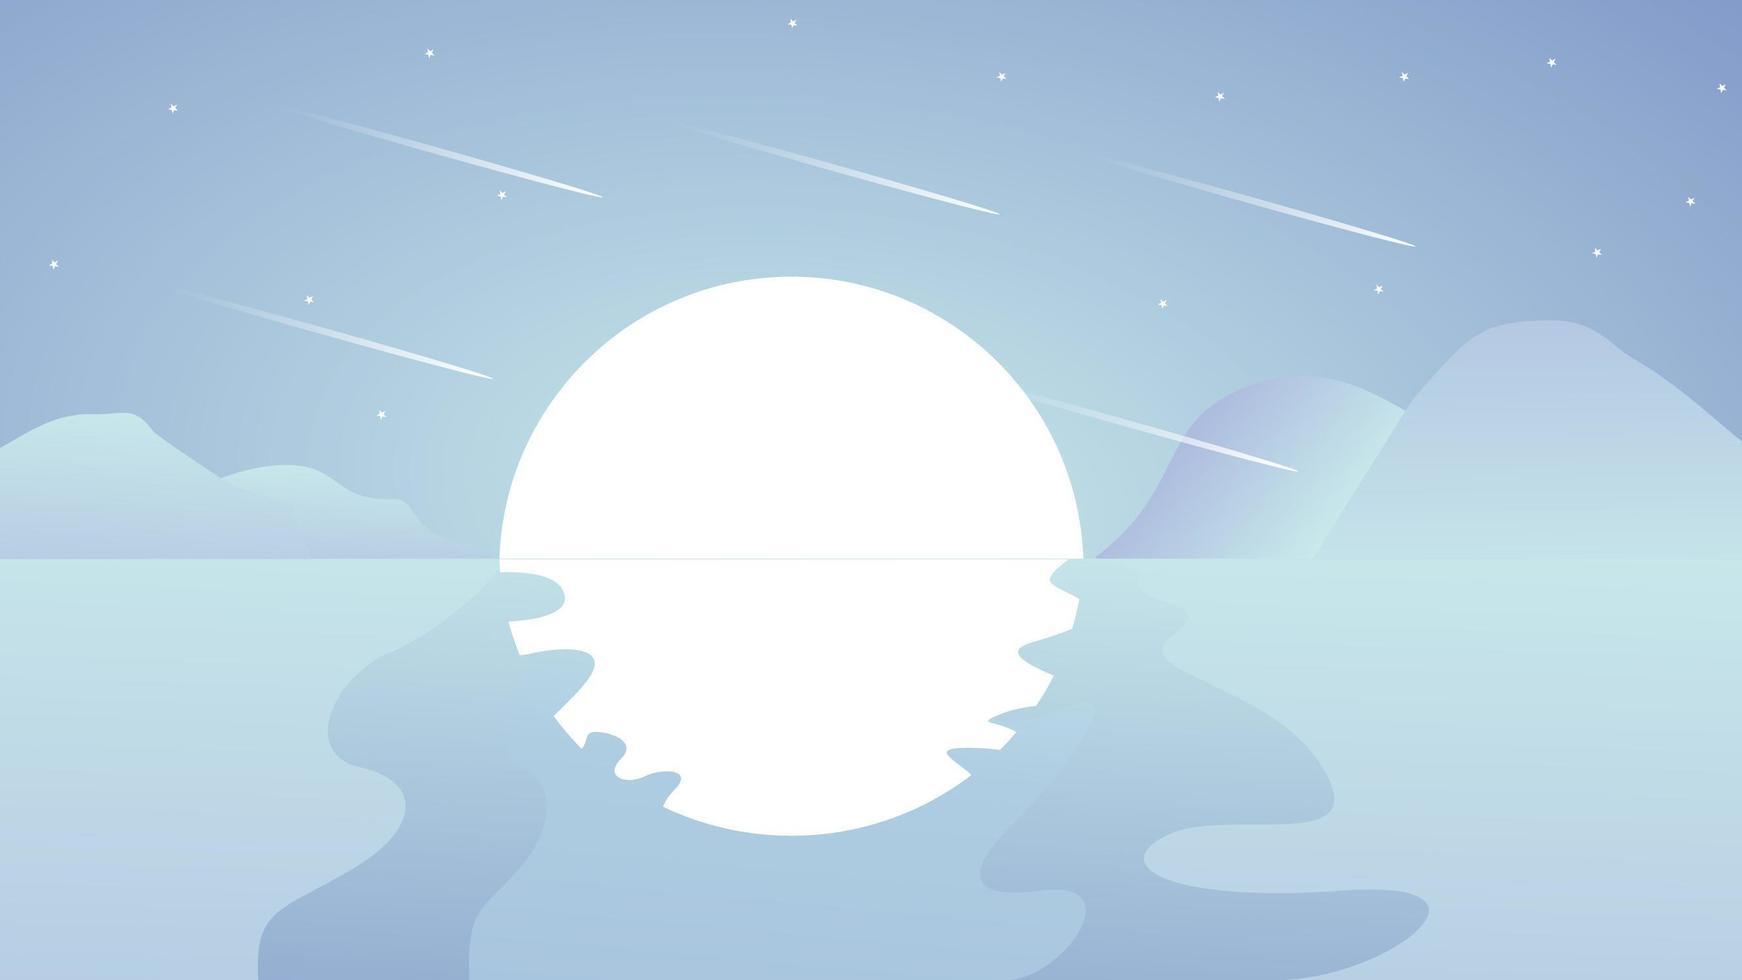 coucher de soleil aux tons bleus ou lune sur scène d'eau vecteur